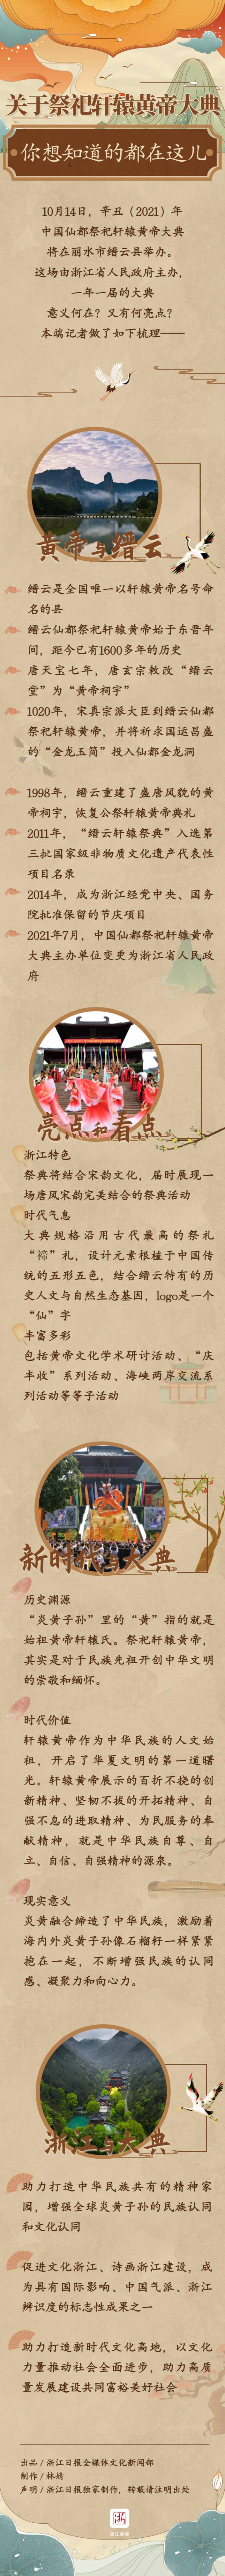 副本_食疗养生班_中国风_课程长图 (2).jpg